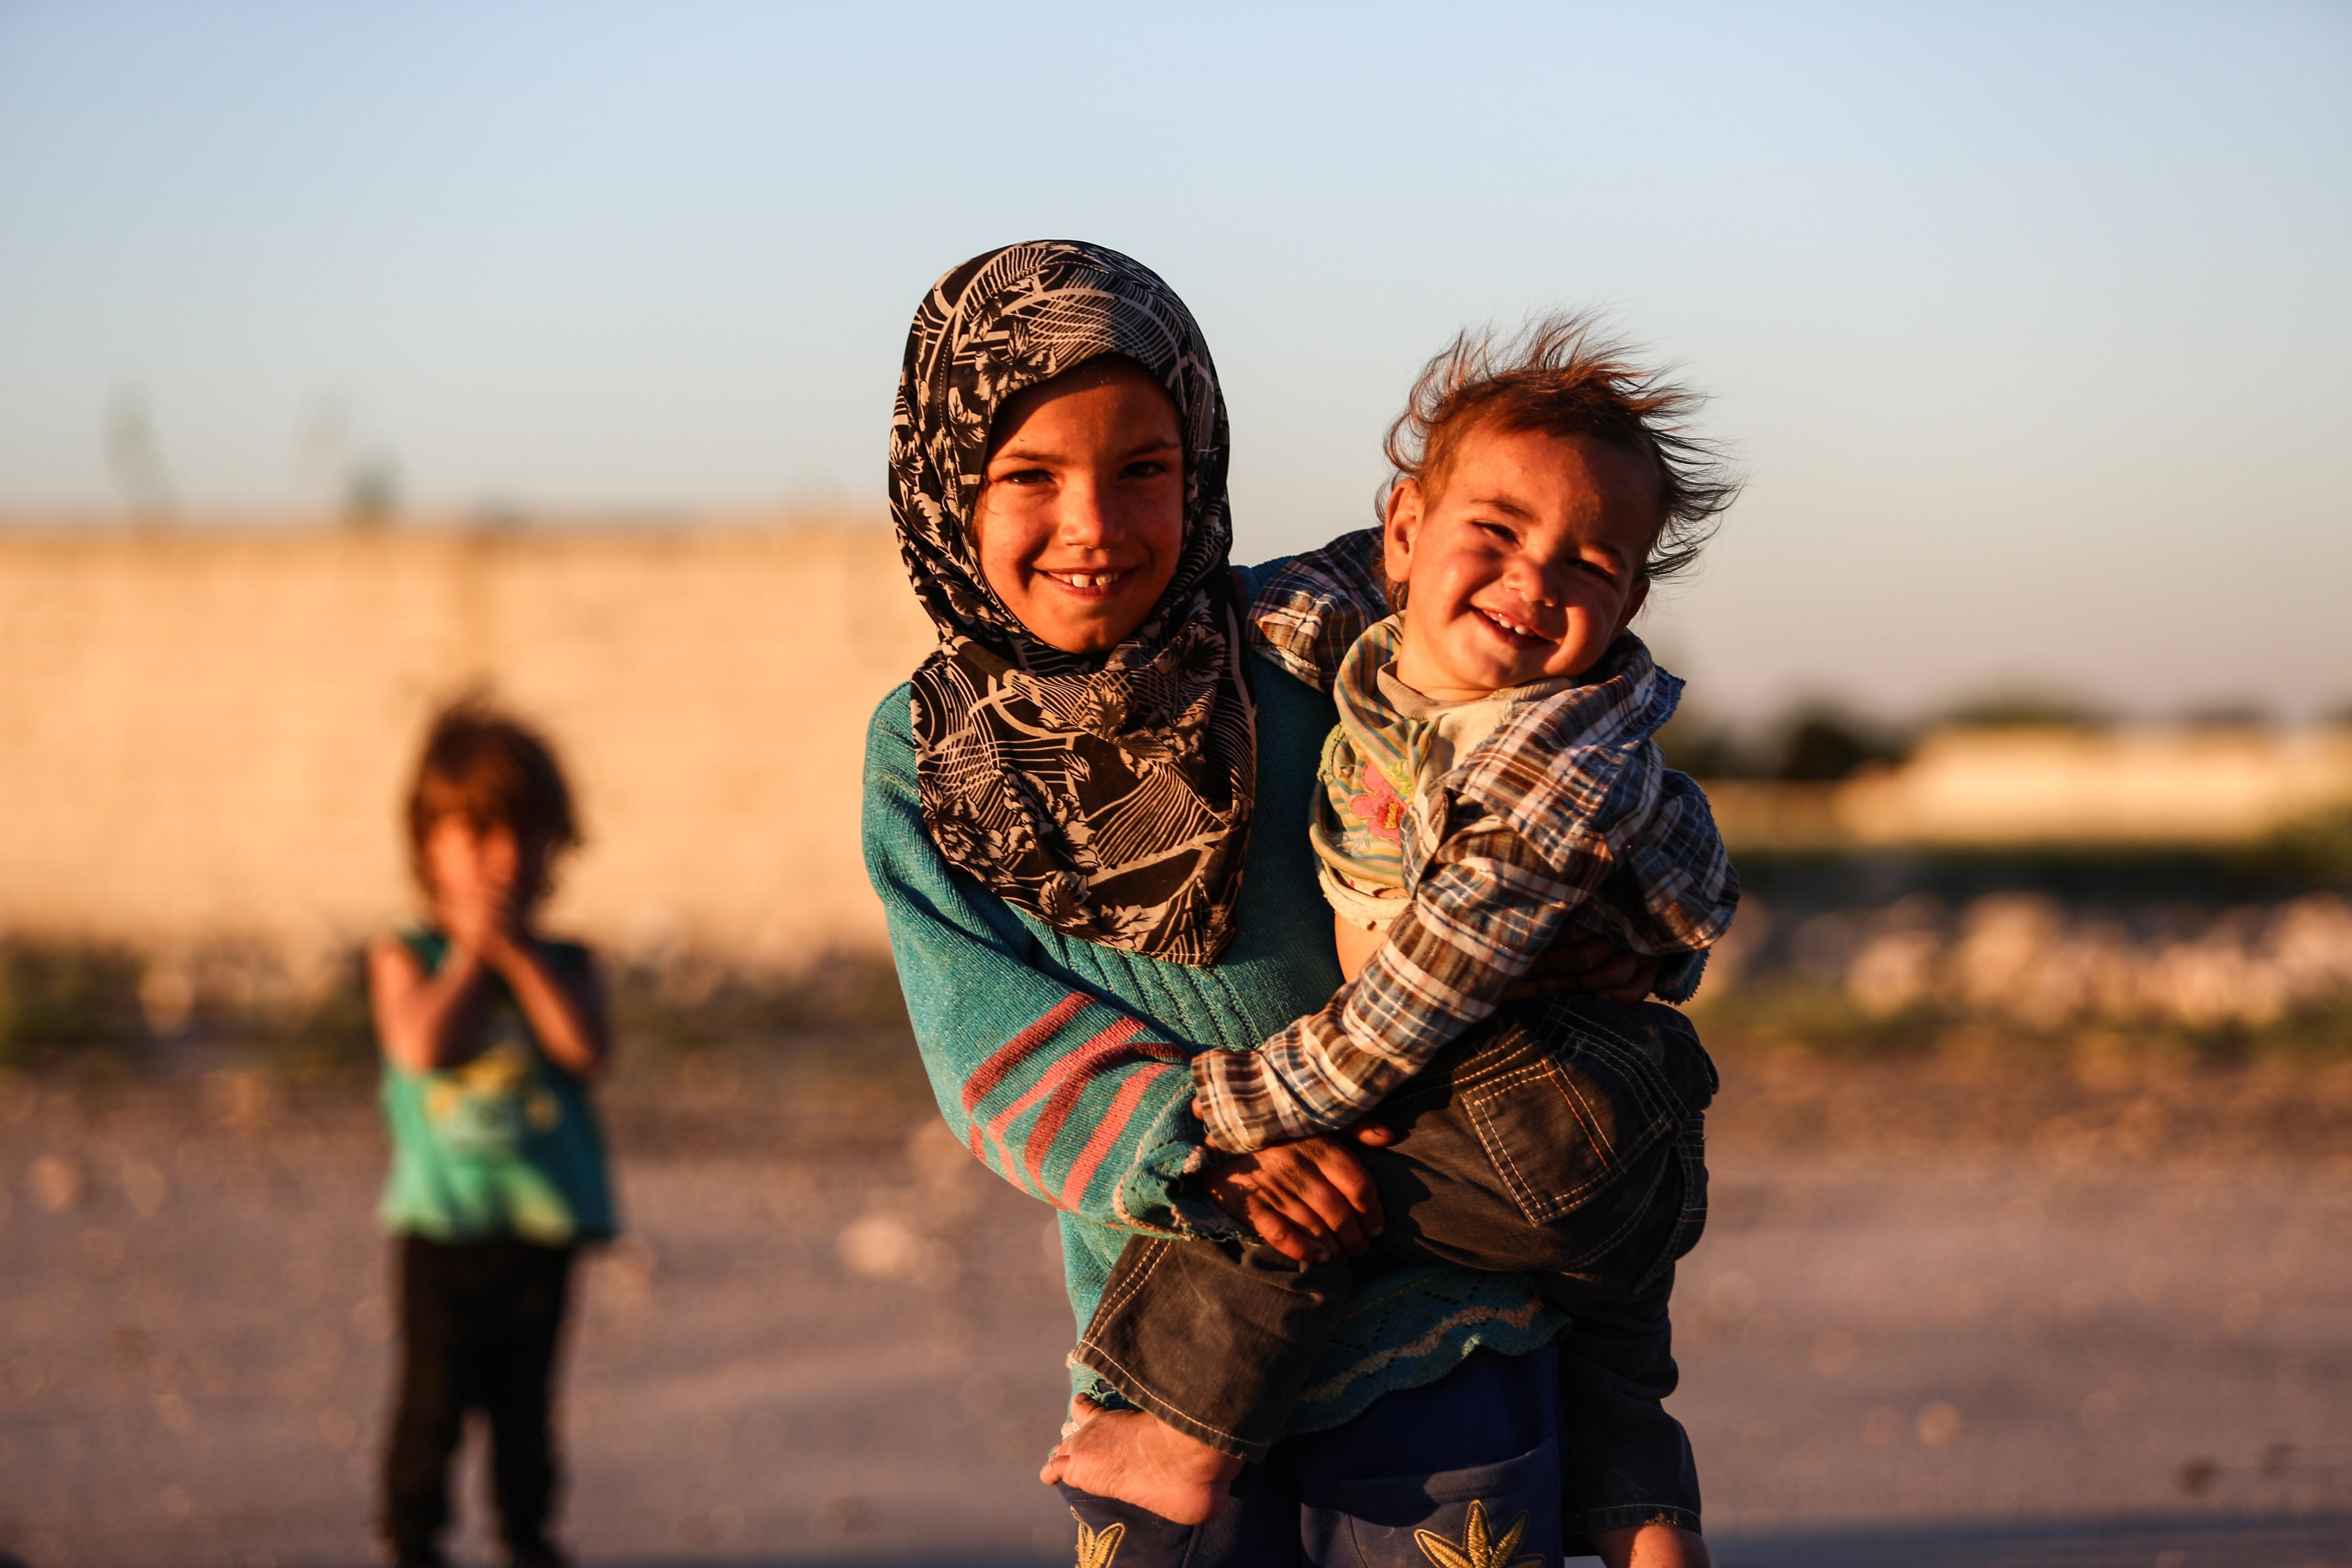 Tres nins migrants perden les seves llars en un dels bombardejos a Autaya, Siria. /MOHAMMED BADRA